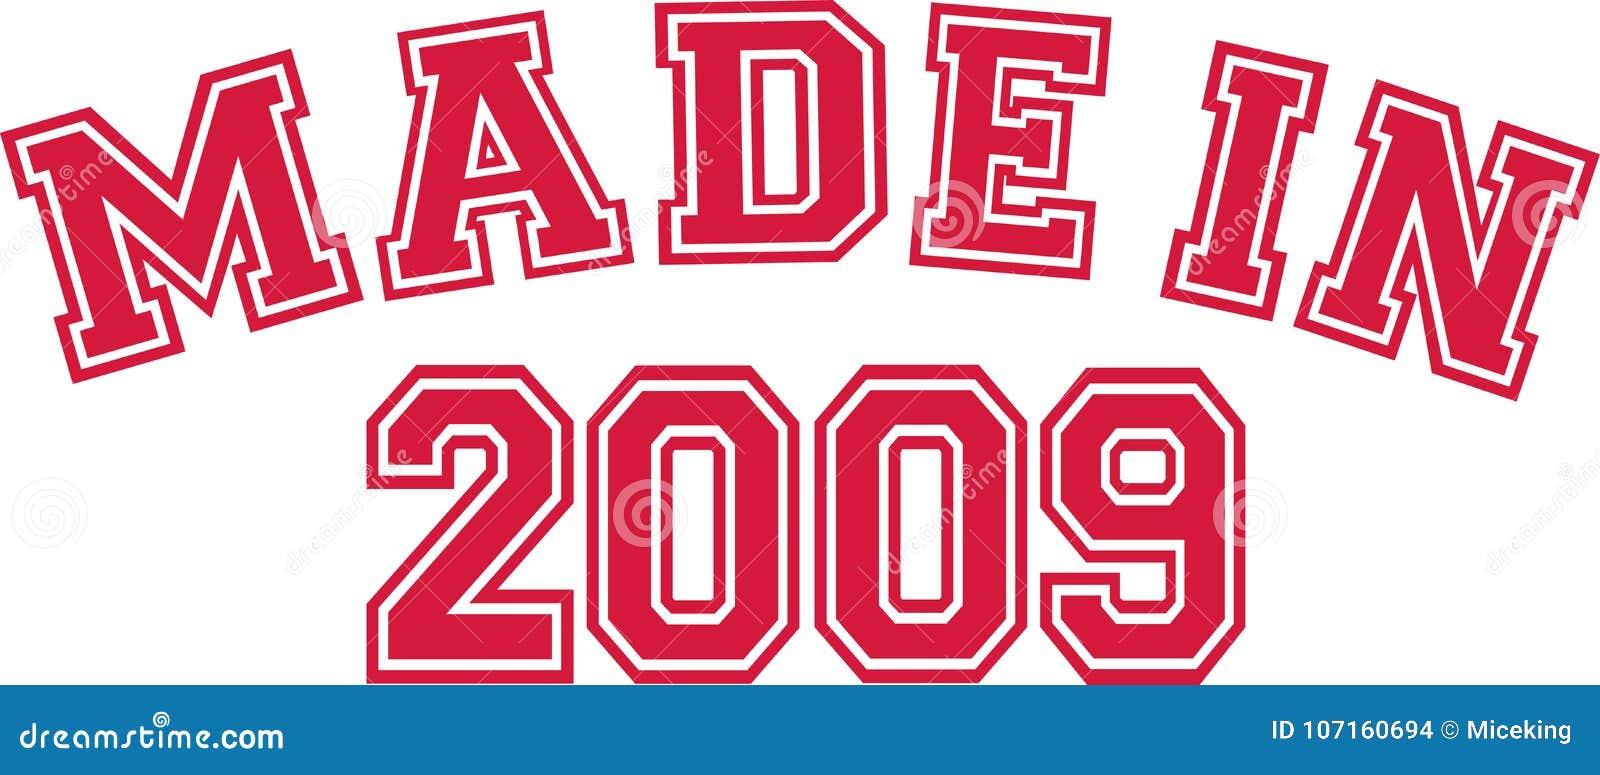 Fait en 2009